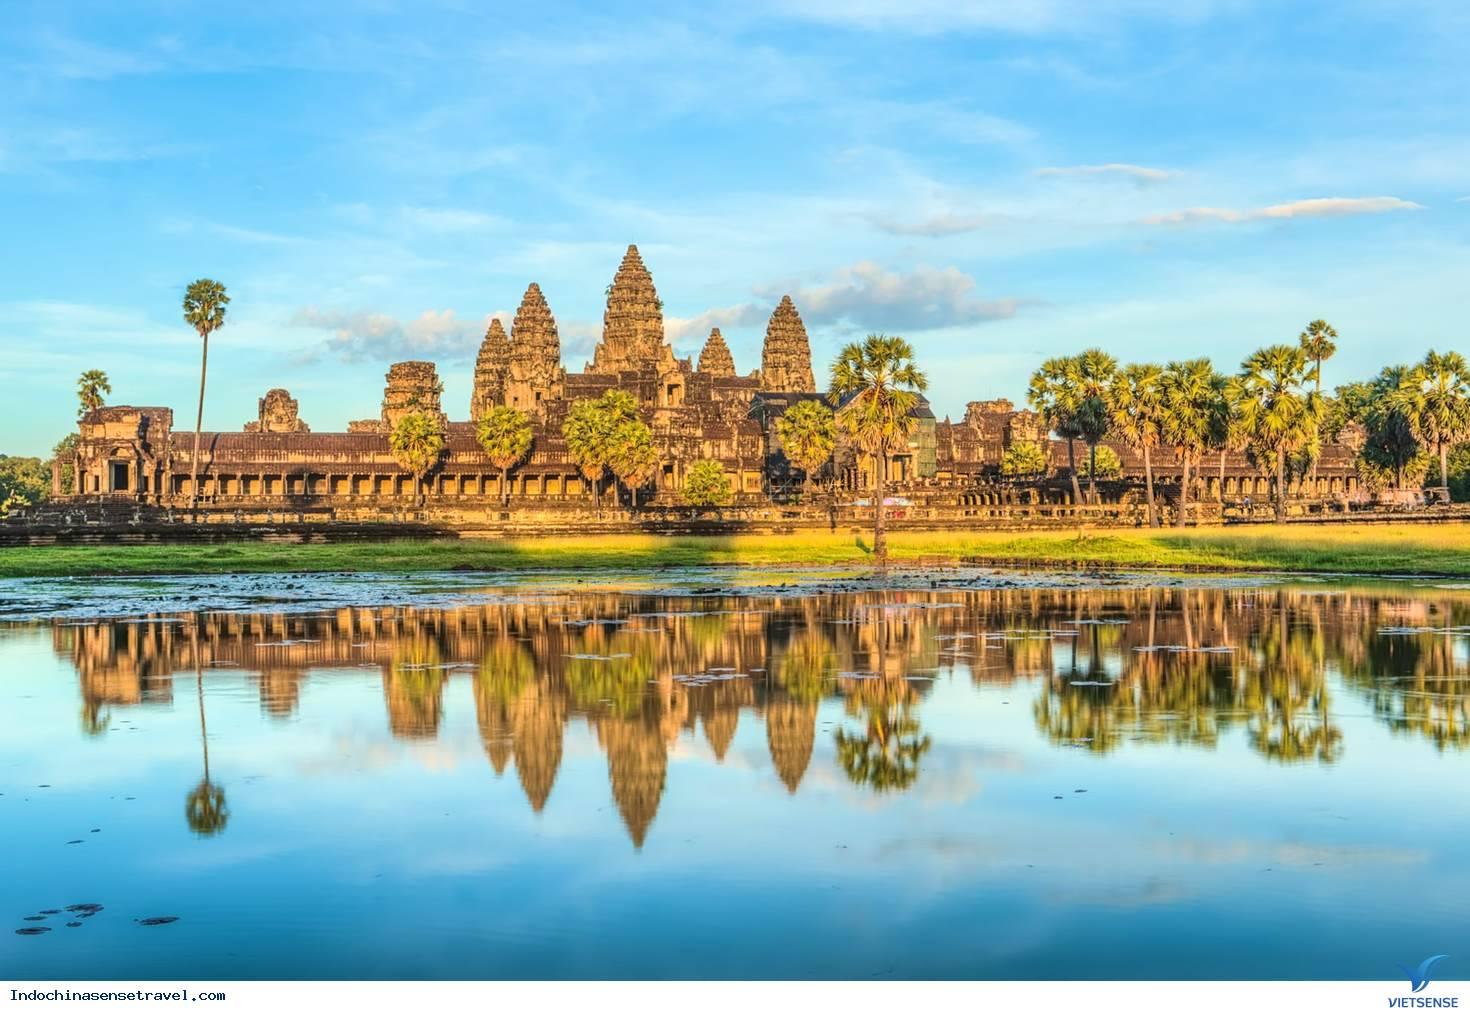 Tour Du Lịch Campuchia: Siem Riep - Phnom Penh Khởi Hành 29/01/2017 (Mùng 2 Tết - Vietnam Airine,tour du lich campuchia siem riep  phnom penh khoi hanh 29012017 mung 2 tet  vietnam airine